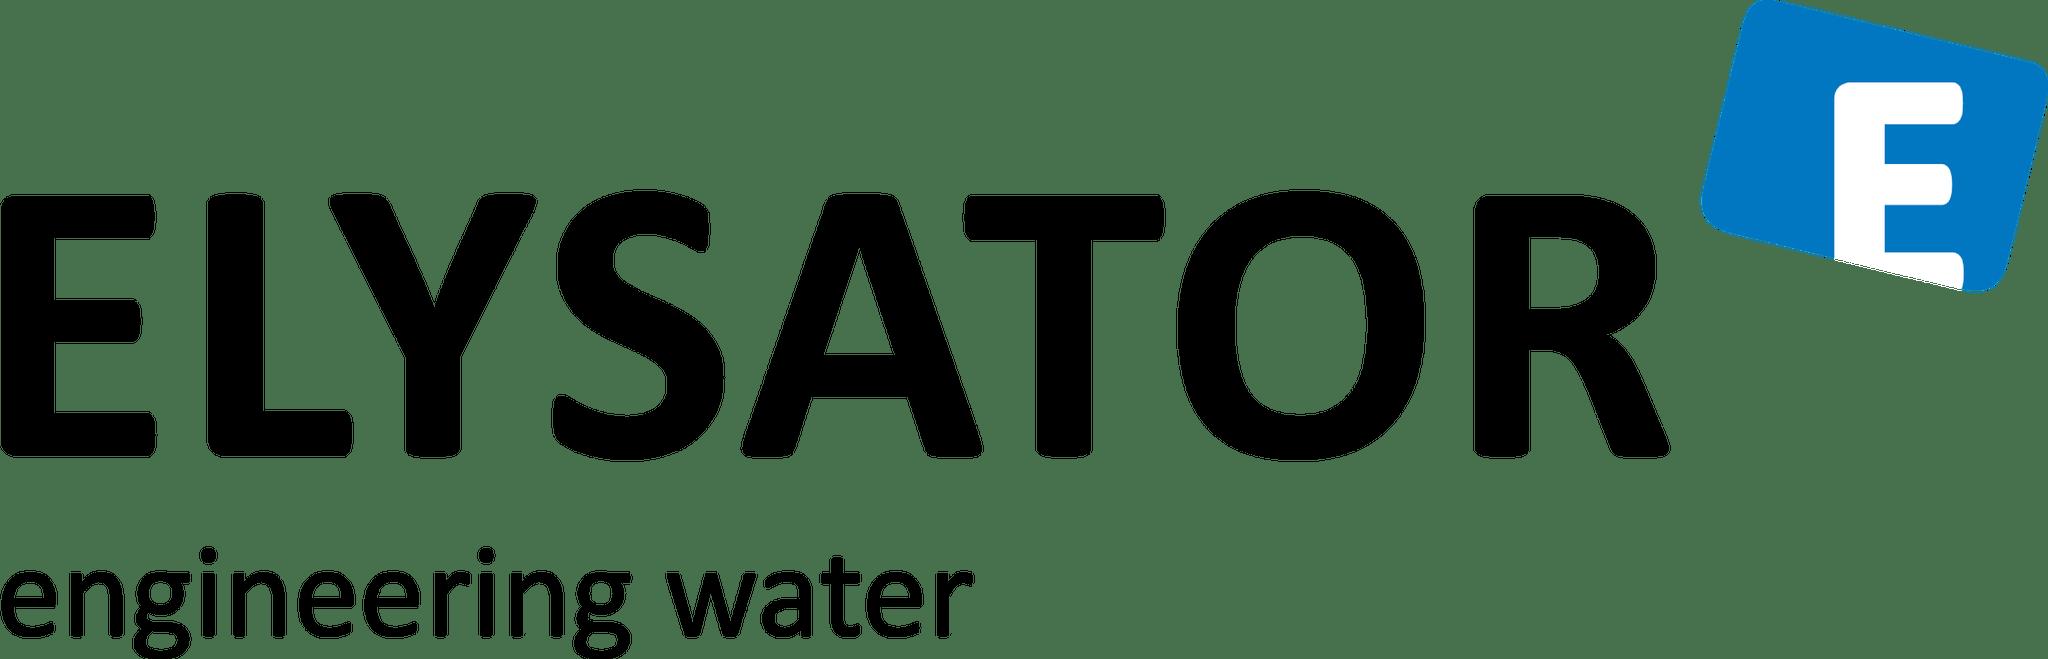 Elysator-UK Ltd